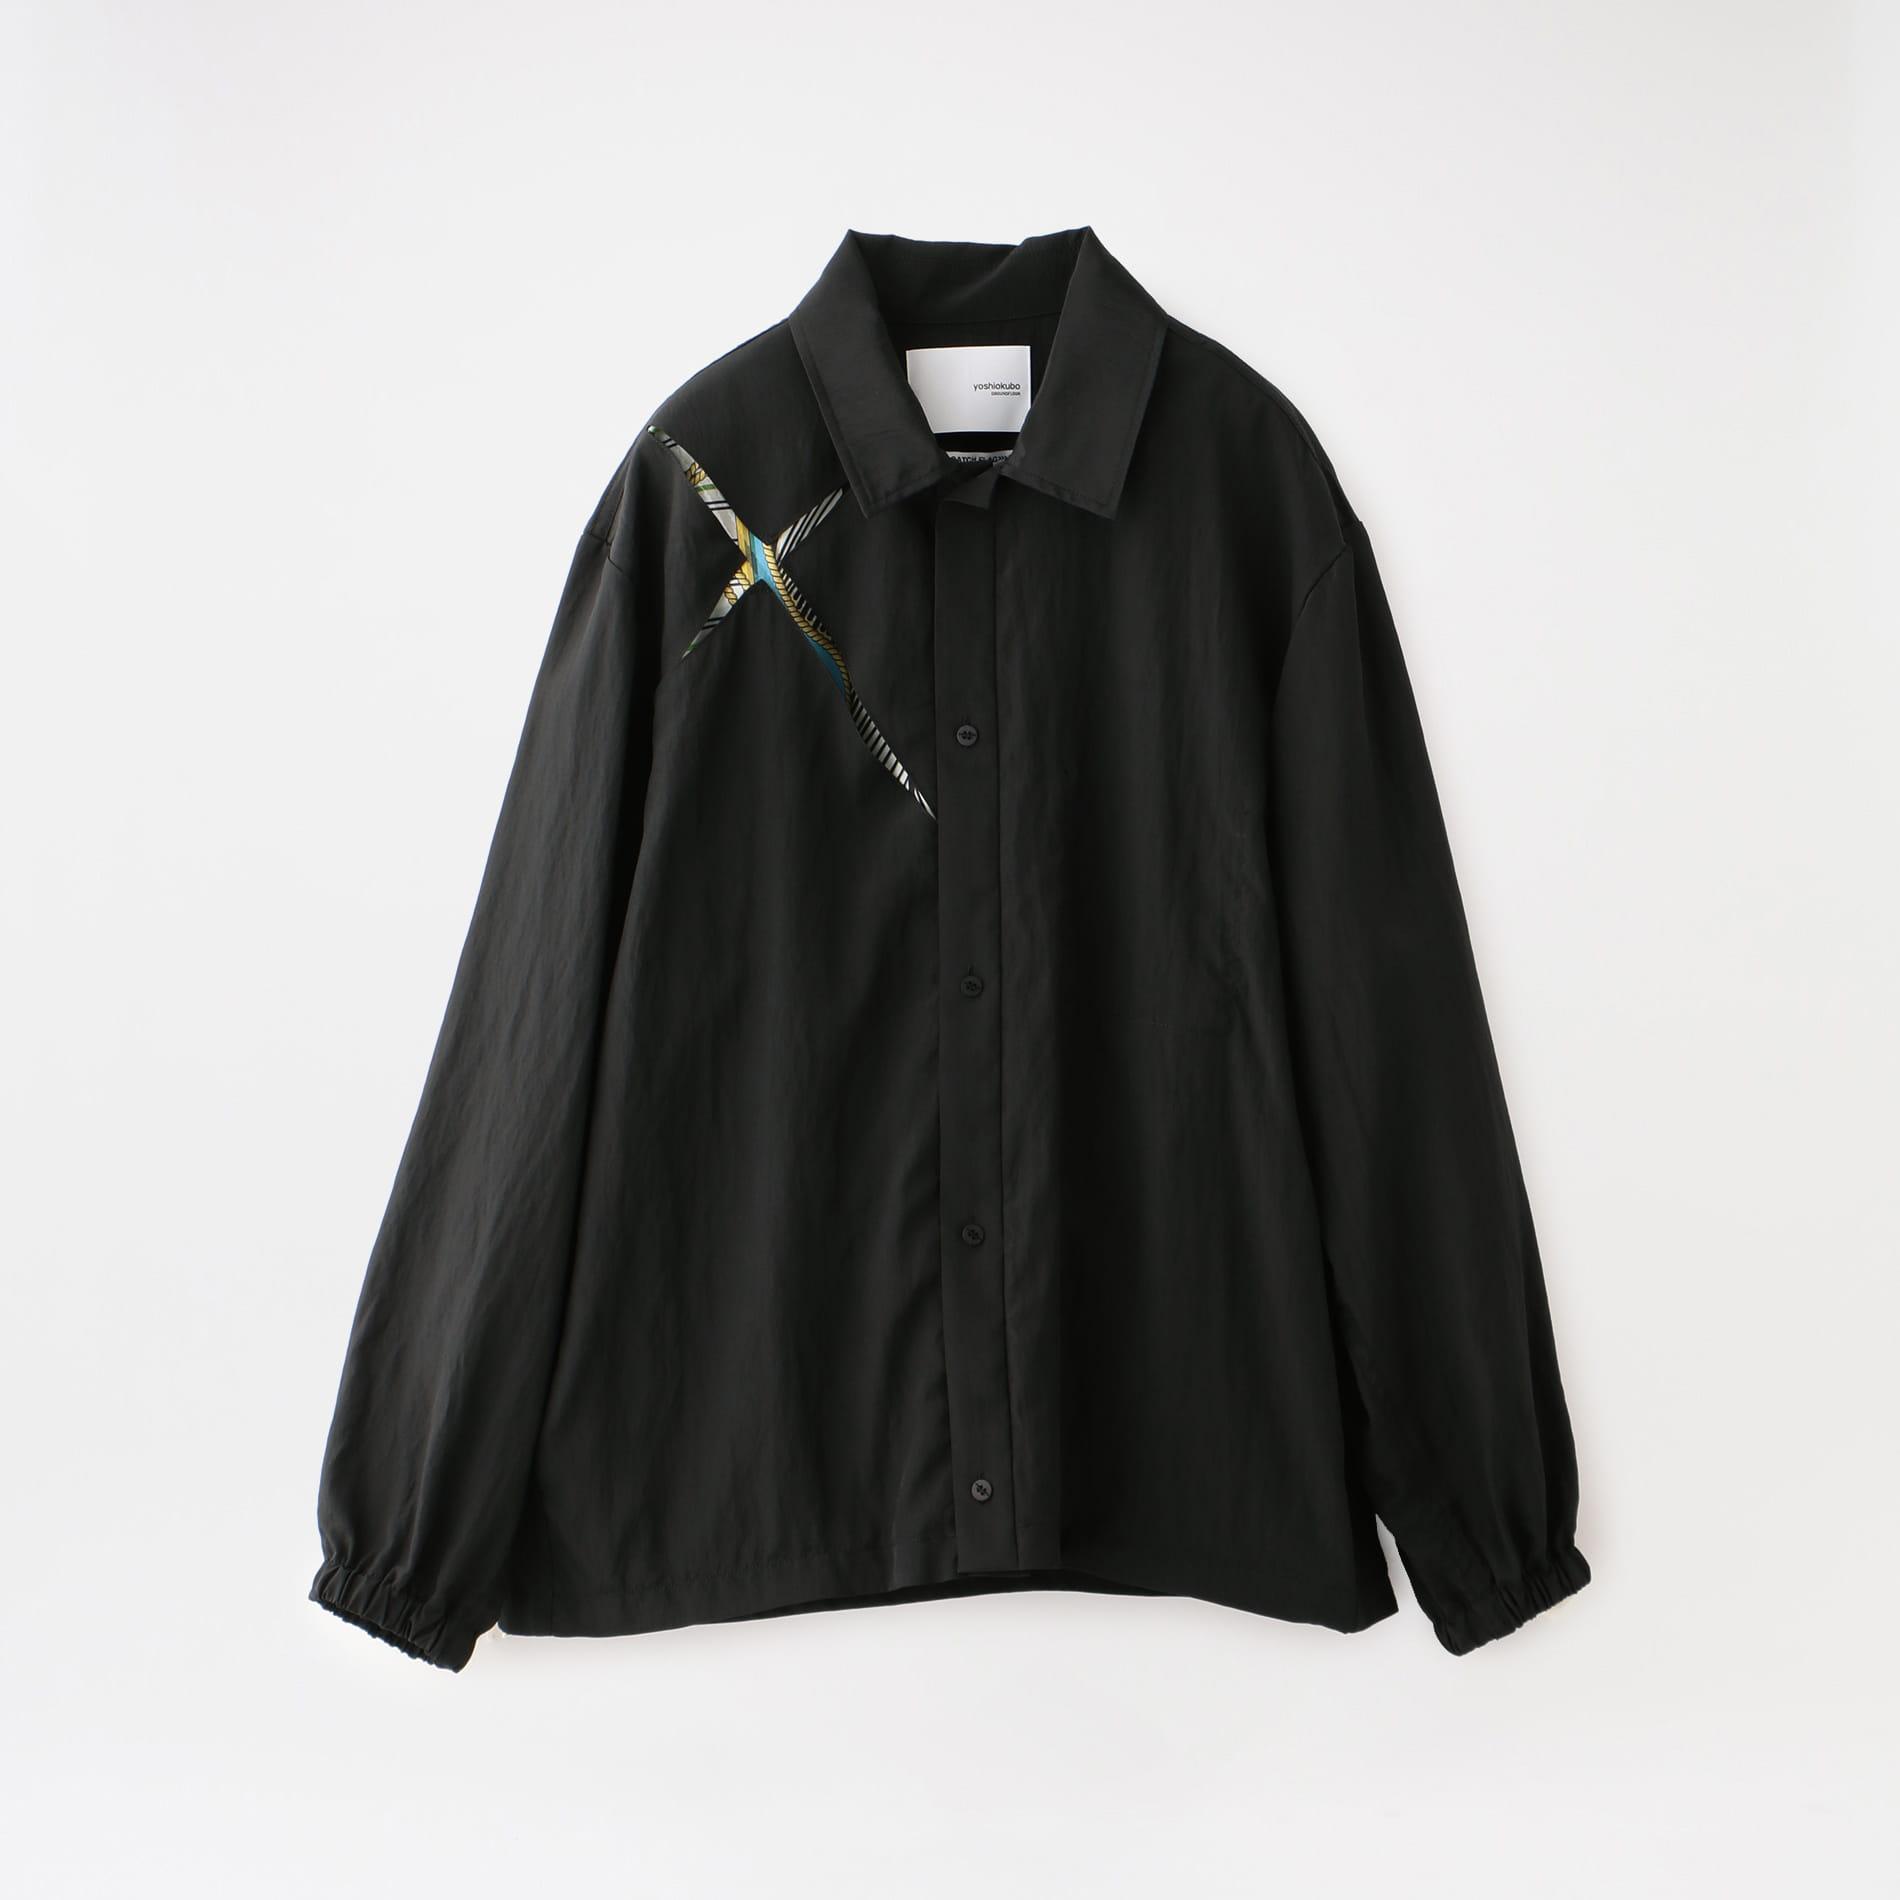 【yoshiokubo GROUNDFLOOR】MEN SLASH SHIRTS BLOUSON YKS20501